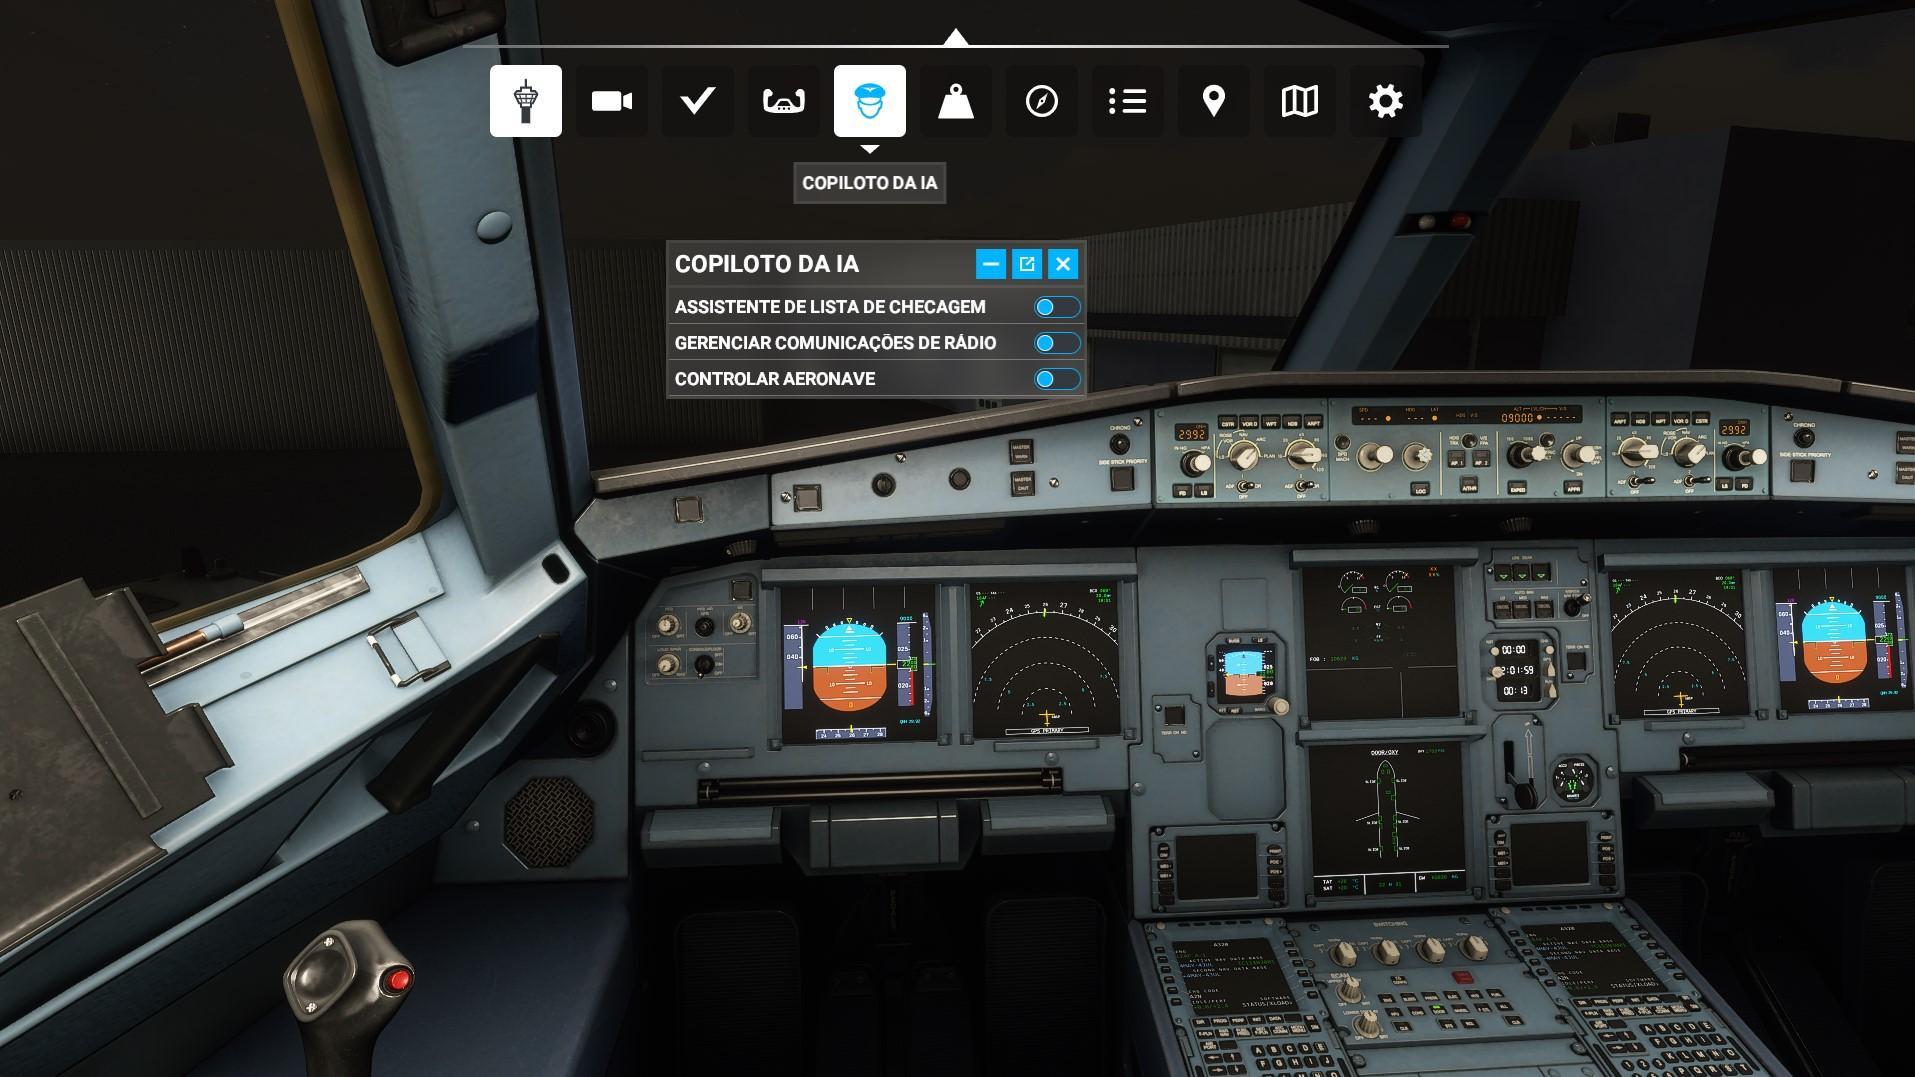 Os copilotos da IA ajudam bastante nas comunicacoes de radio e check list